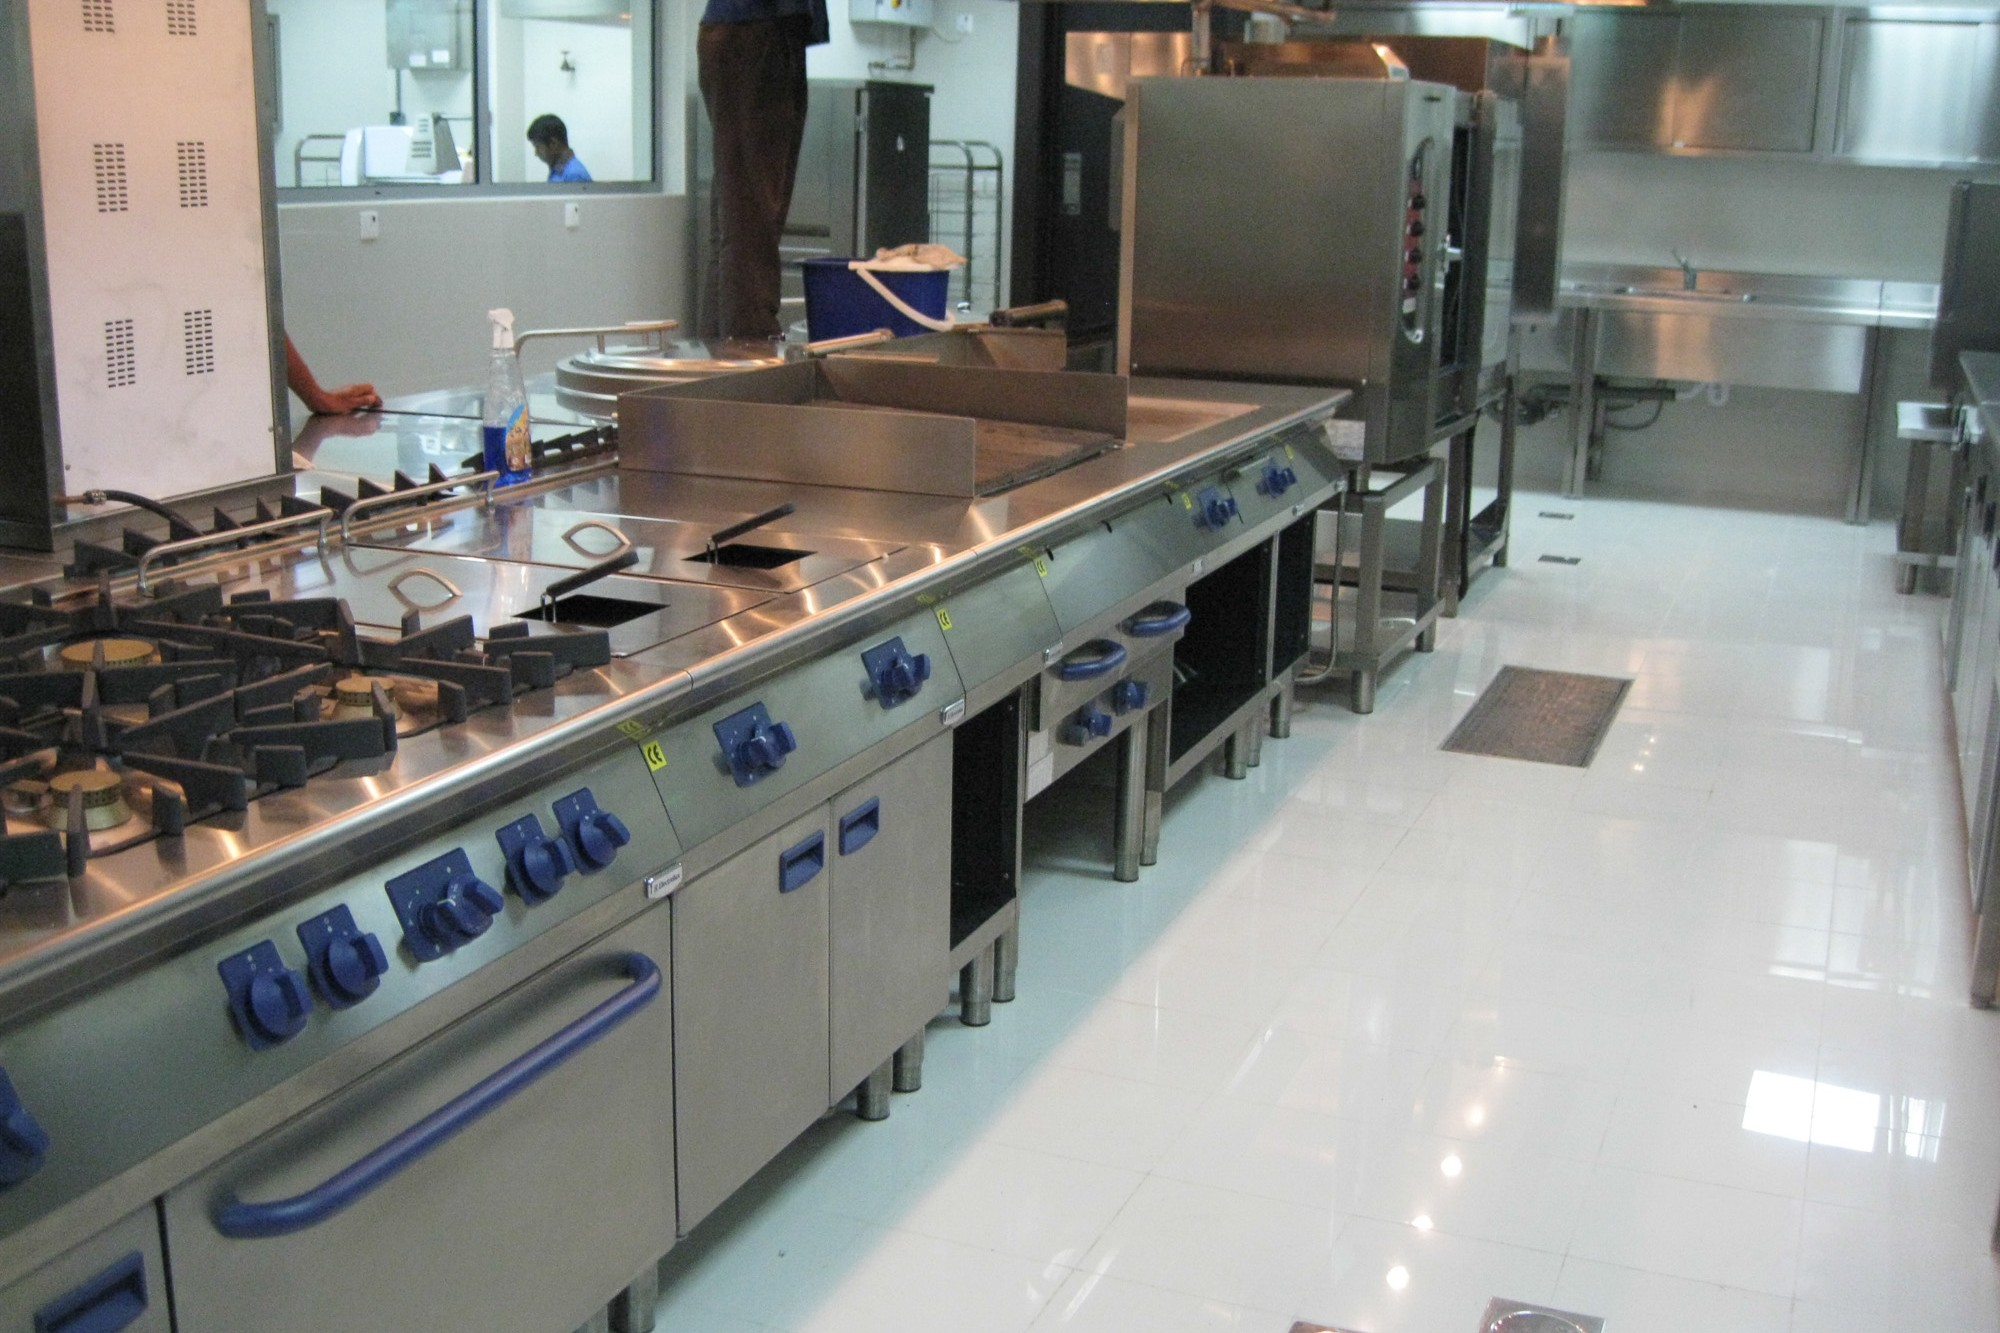 Italia_kitchen_-khotel-1